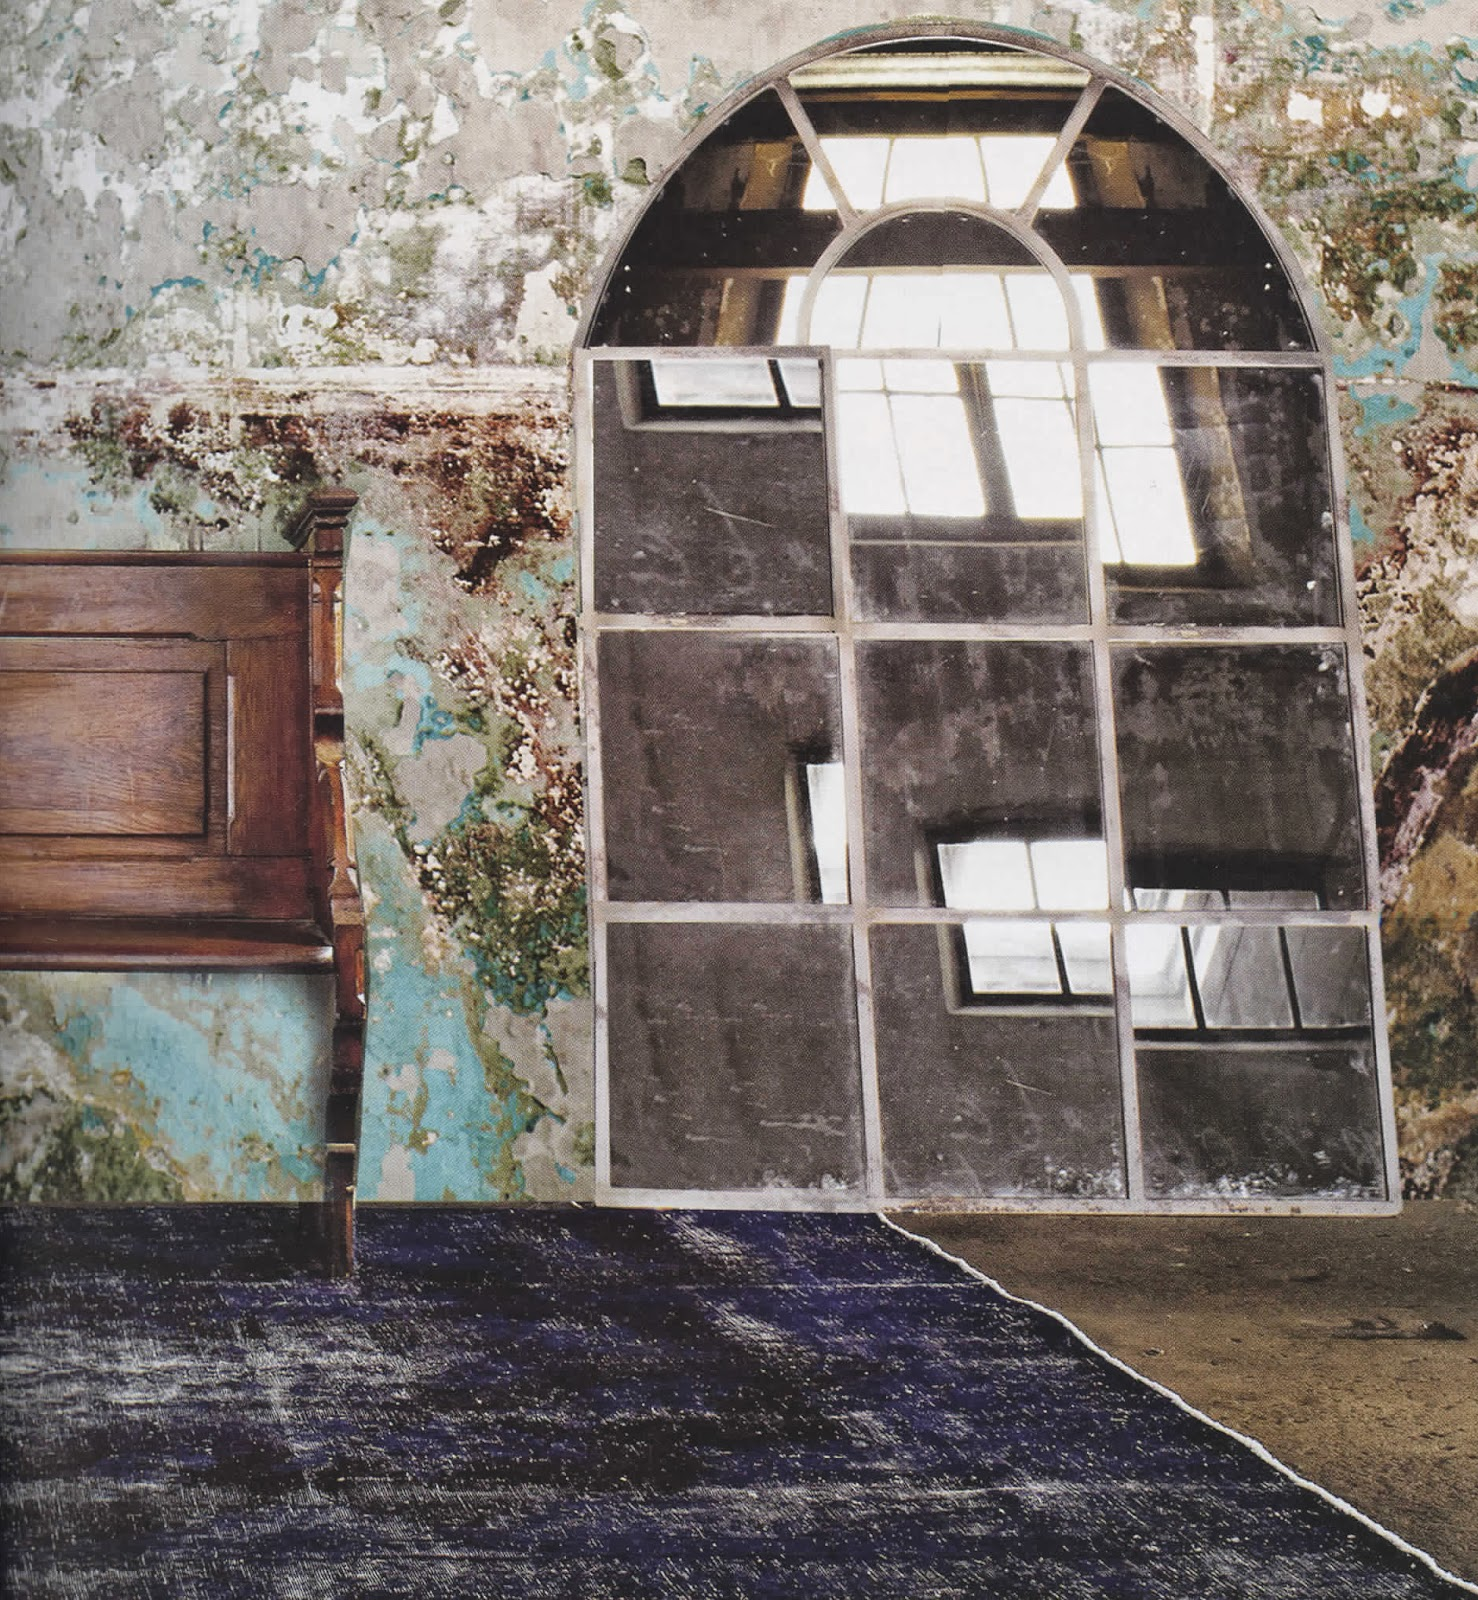 tapis bleu marine. Black Bedroom Furniture Sets. Home Design Ideas